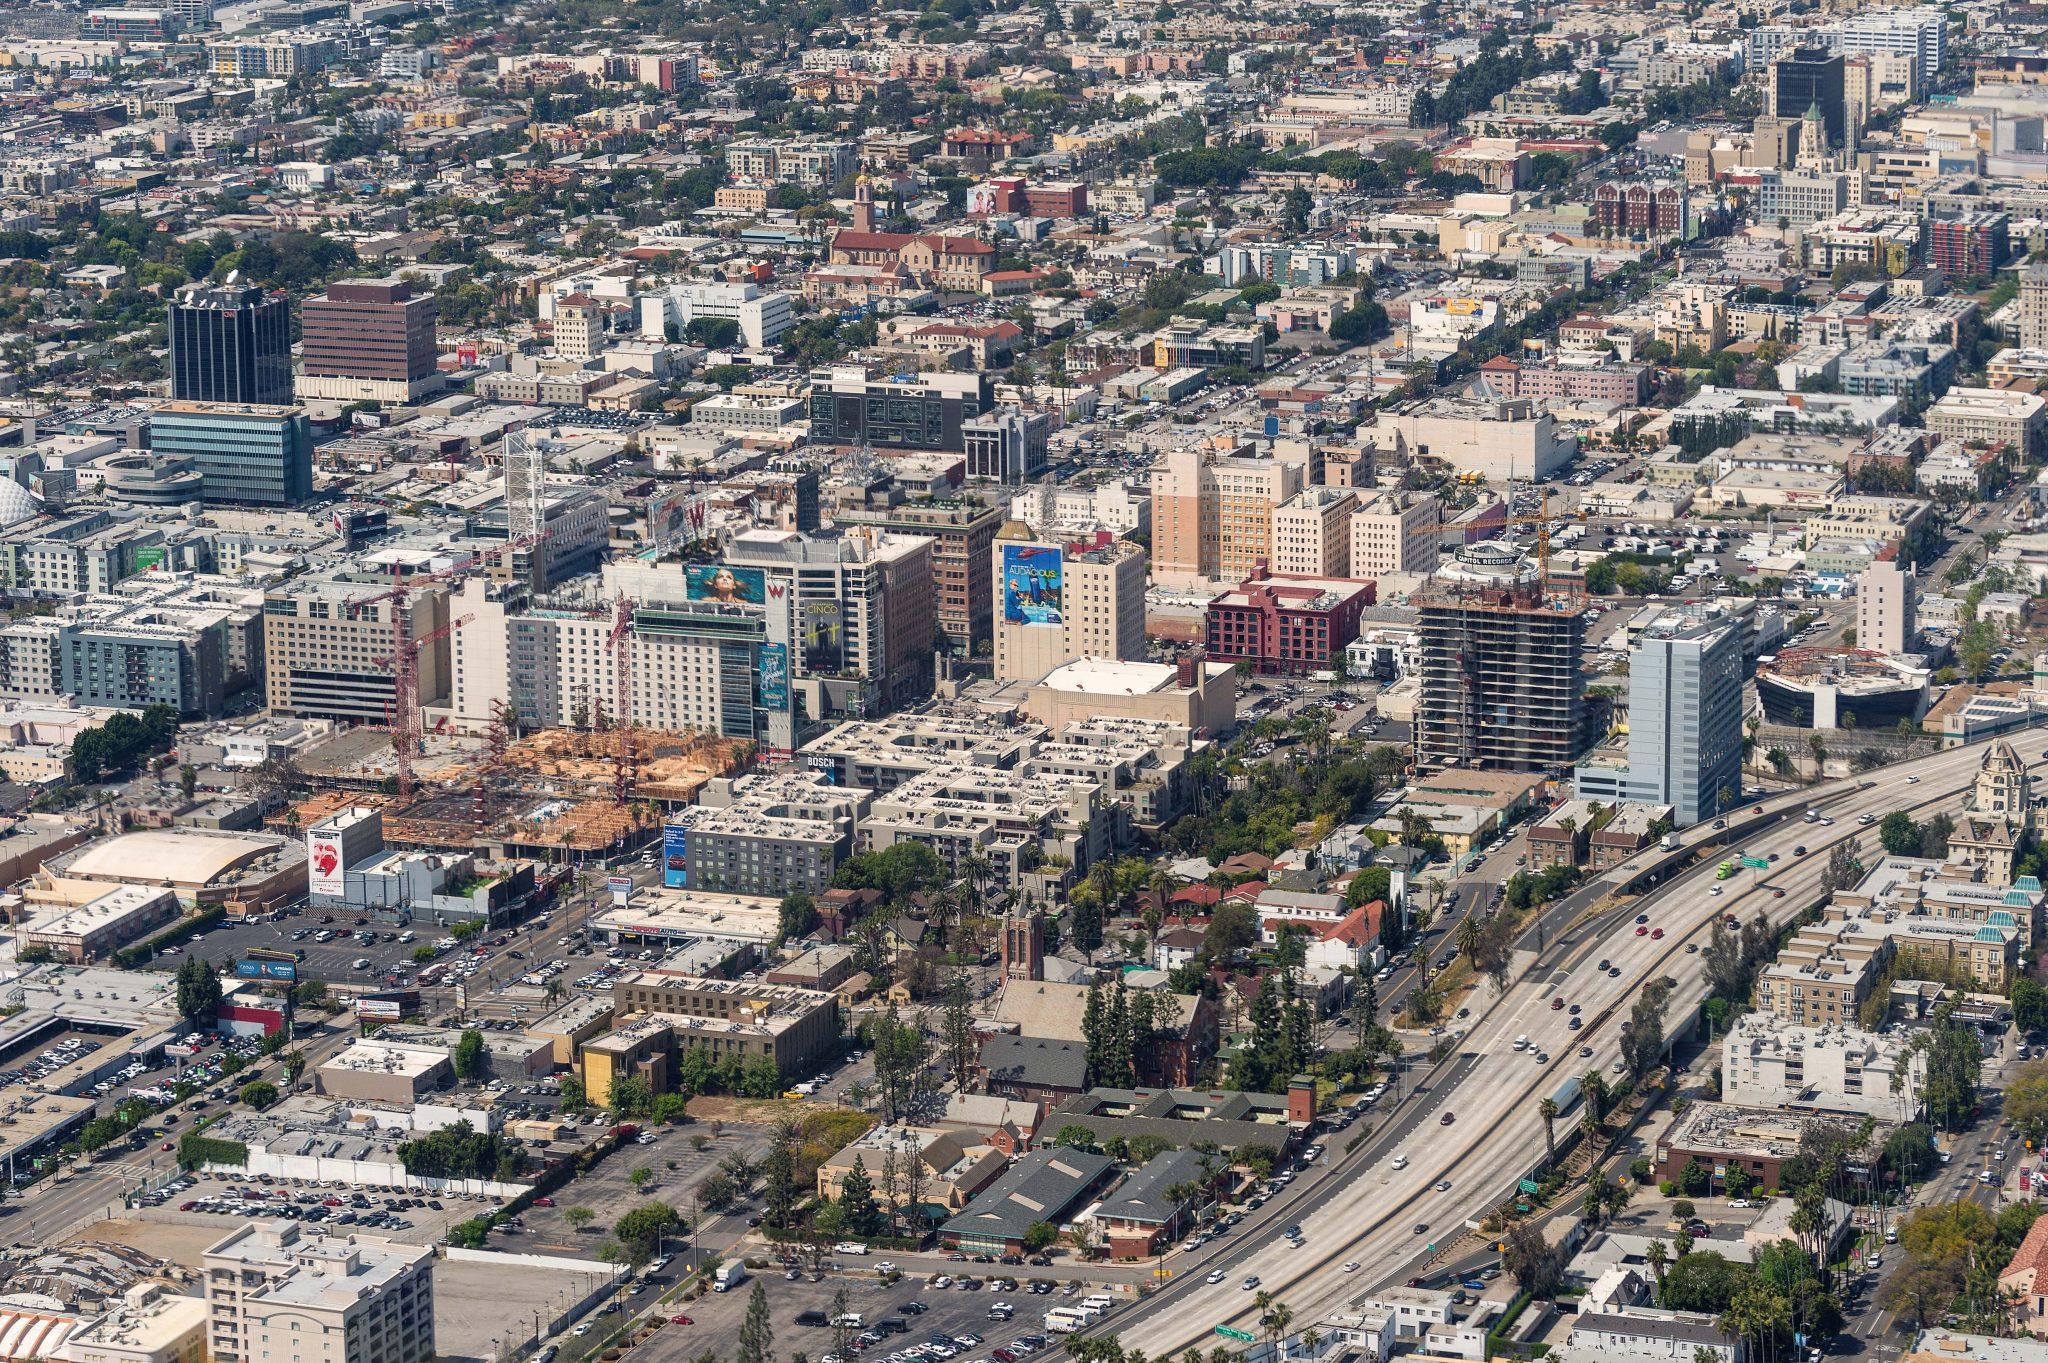 Hollywood y la autopista 101